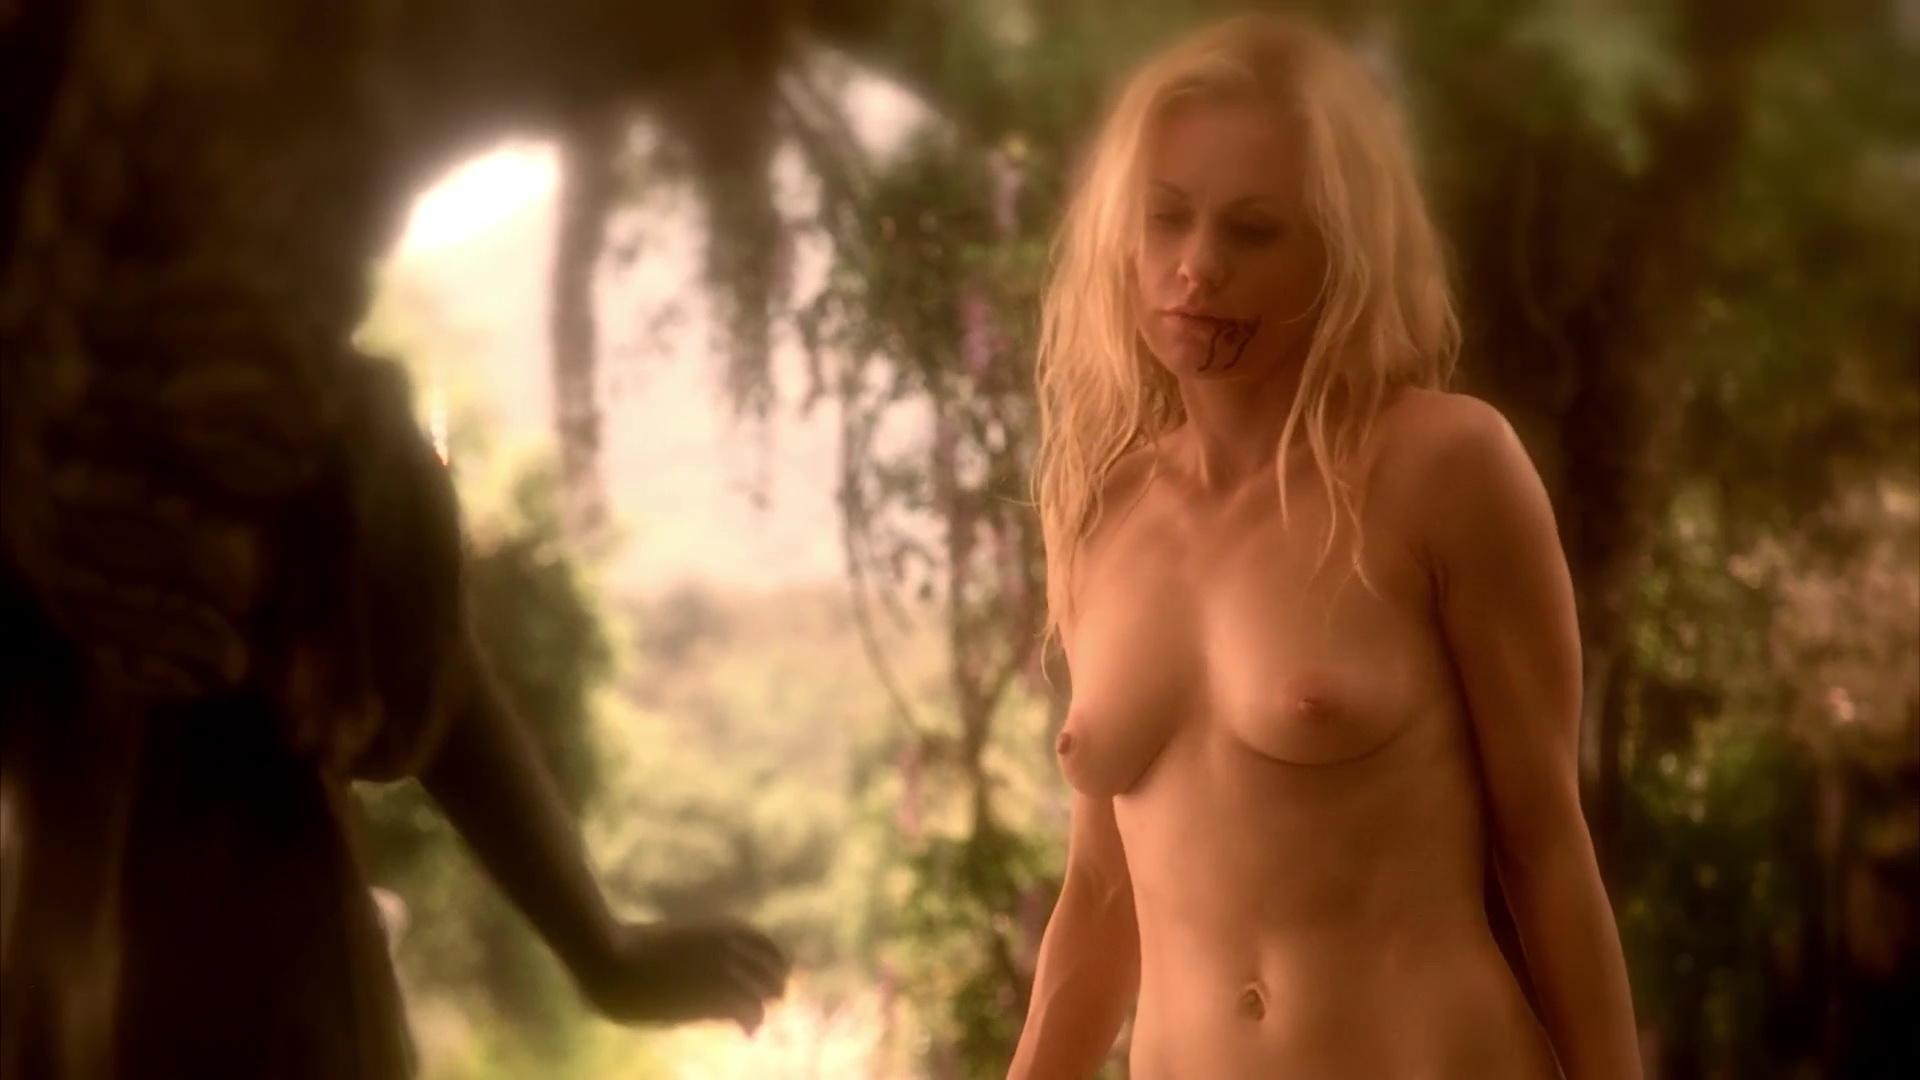 Girl off bad techer naked